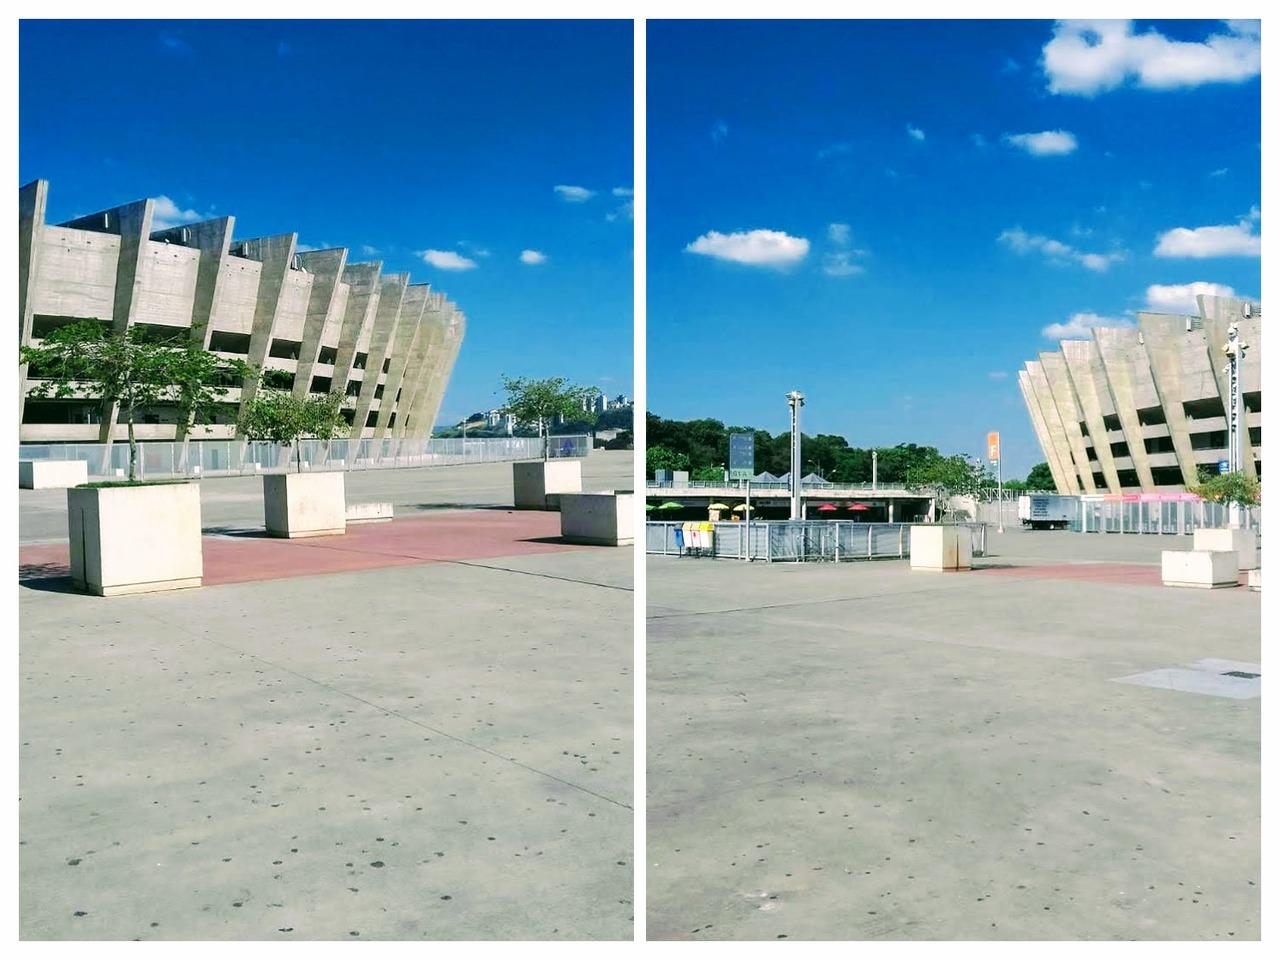 Circuito Turístico Lagoa da Pampulha - Belo Horizonte